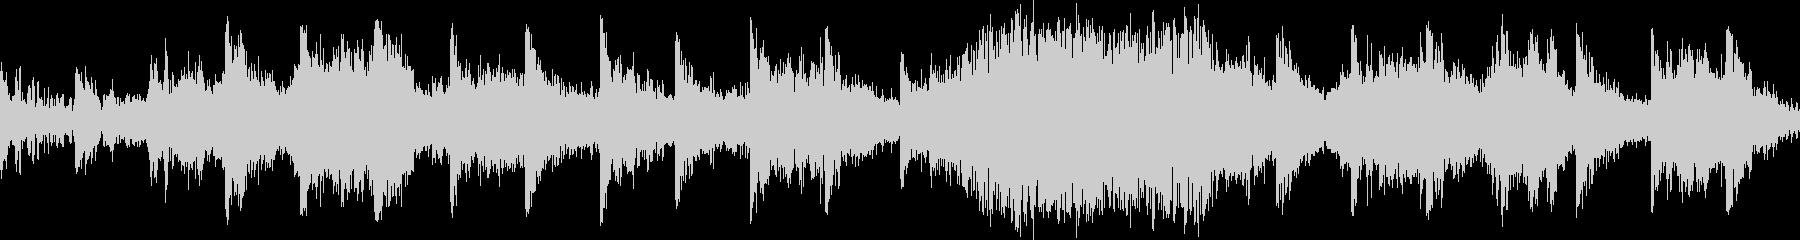 アコーステック percusionの未再生の波形